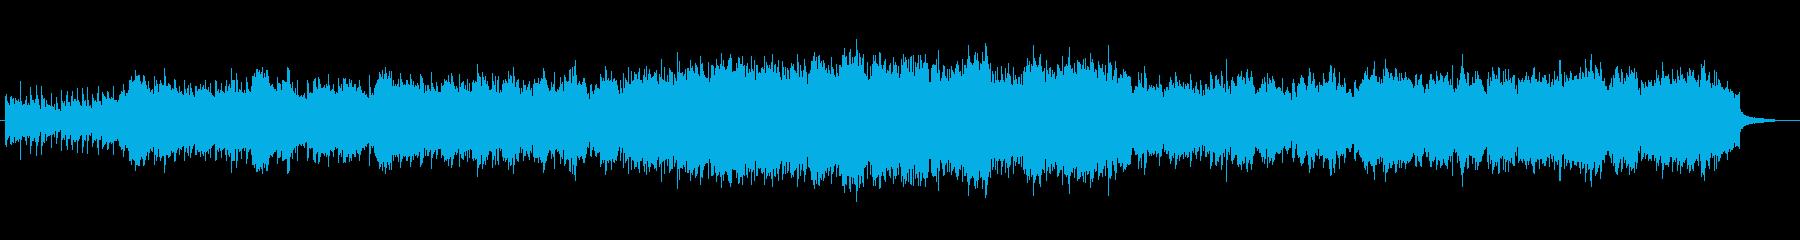 グリーンスリーブ風ノスタルジックワルツの再生済みの波形